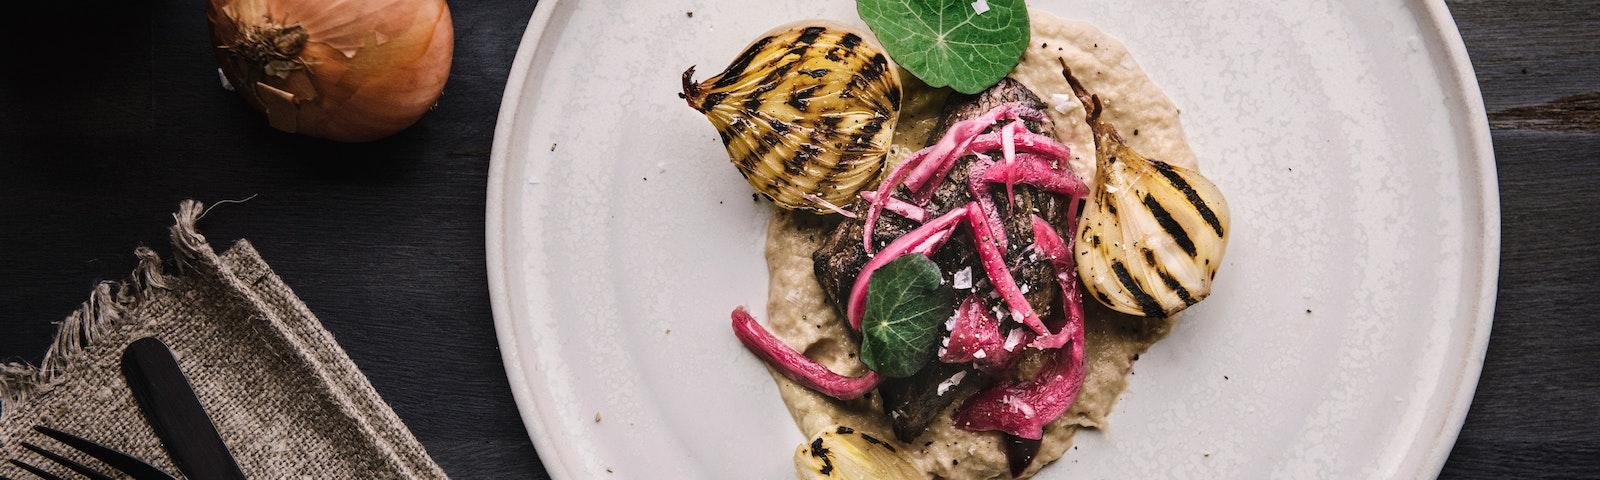 gegrilltes Steak mit Dreierlei der Zwiebel